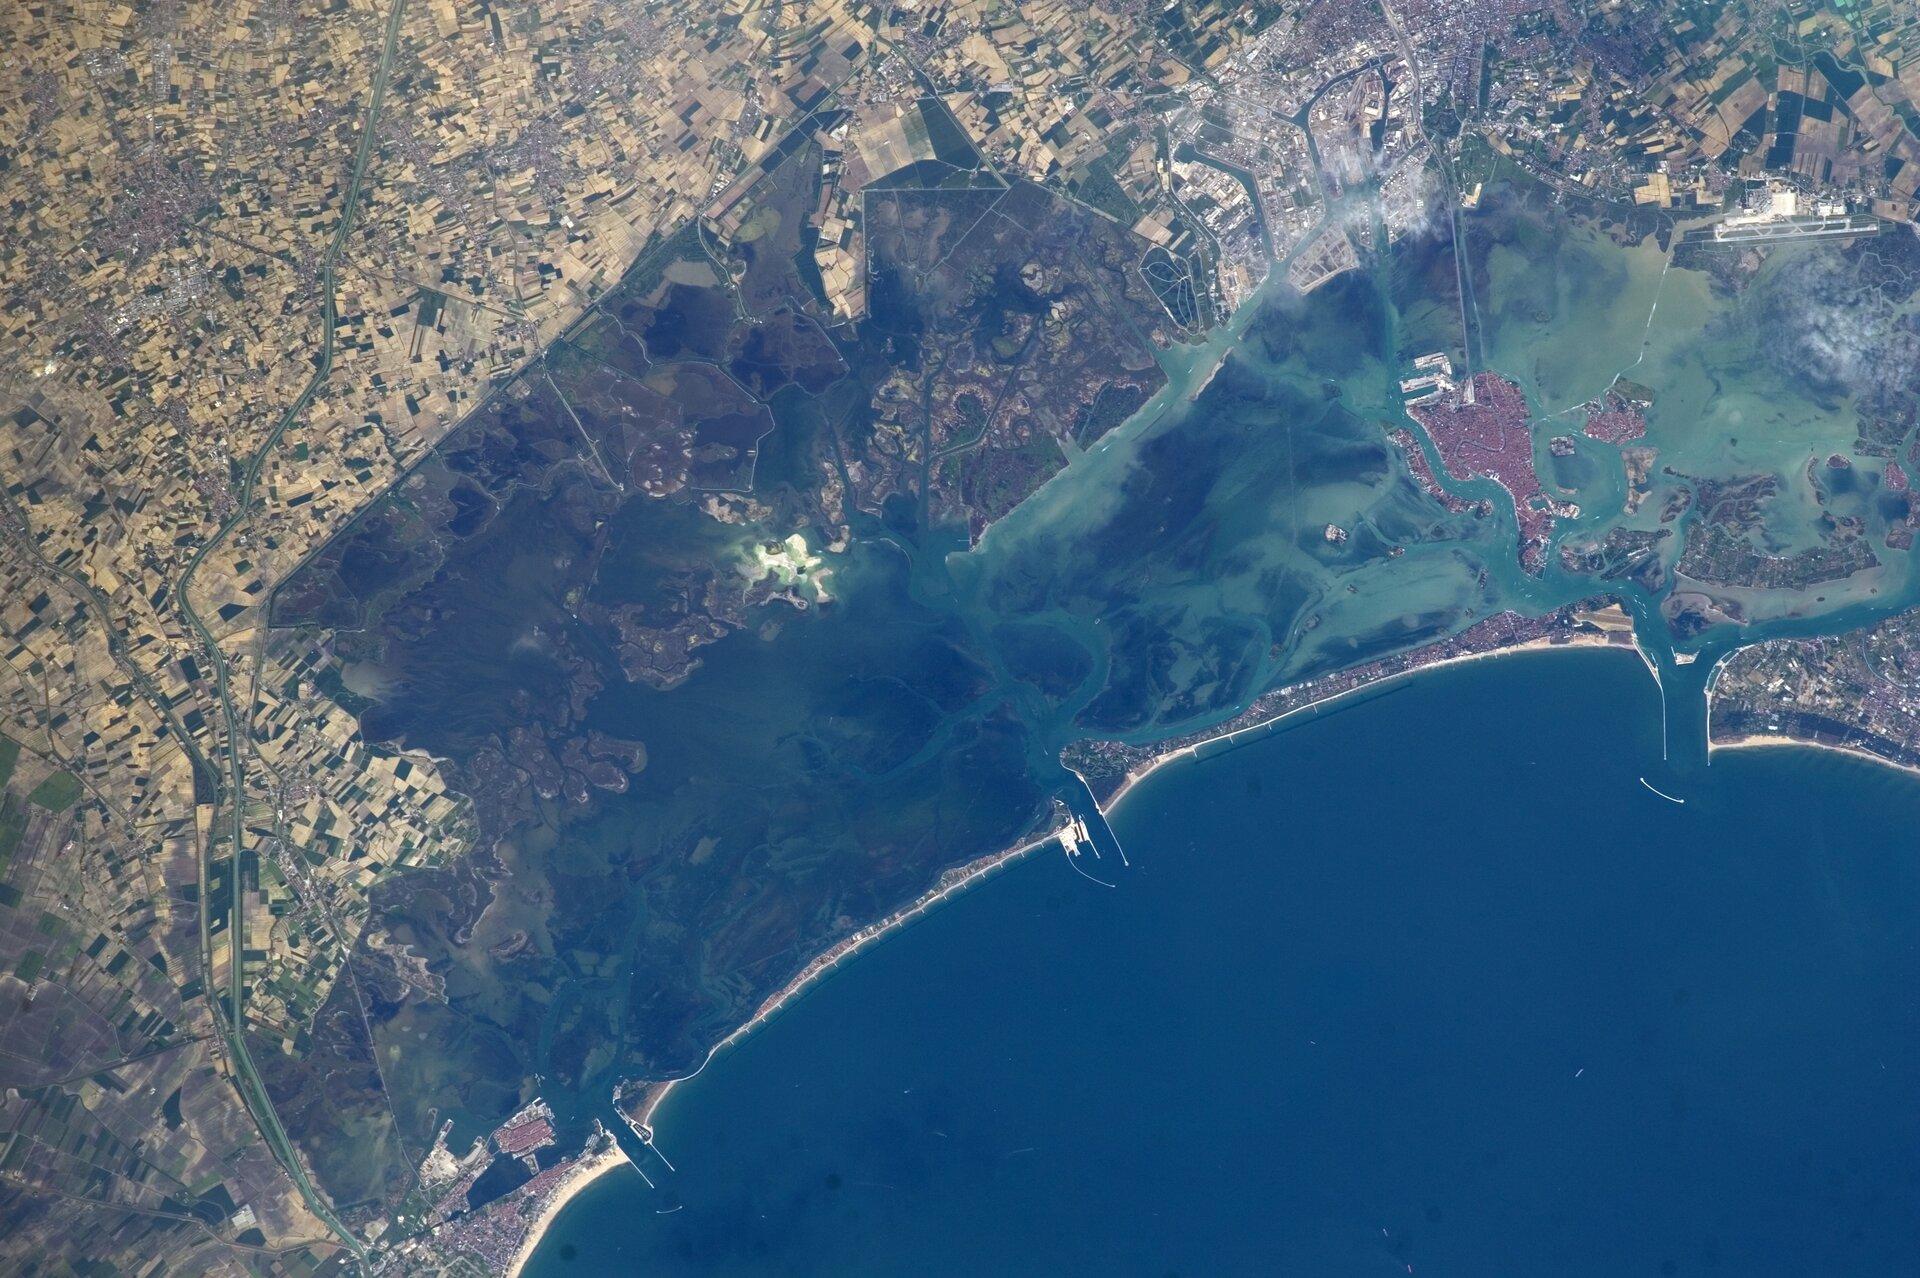 Na zdjęciu wybrzeże lagunowe. Zlewej strony tereny gęsto zabudowane. Równolegle do brzegu piaszczyste wały. Wąski pas morza odcięty od otwartego morza ma kolor jaśniejszy niż otwarte morze, które ma kolor granatowy.